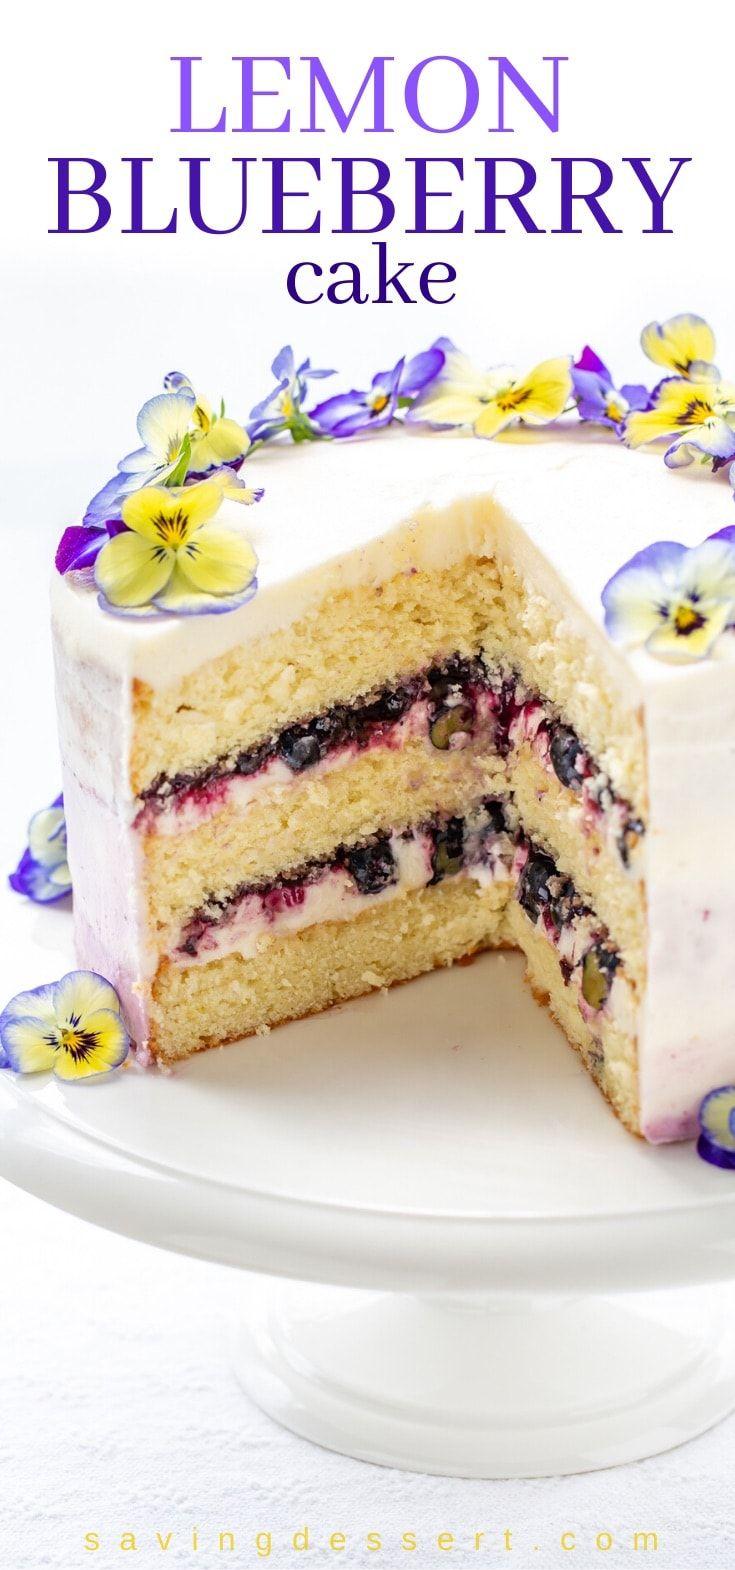 Lemon Blueberry Cake Recipe In 2020 Blueberry Lemon Cake Moist Lemon Cake Blueberry Cake